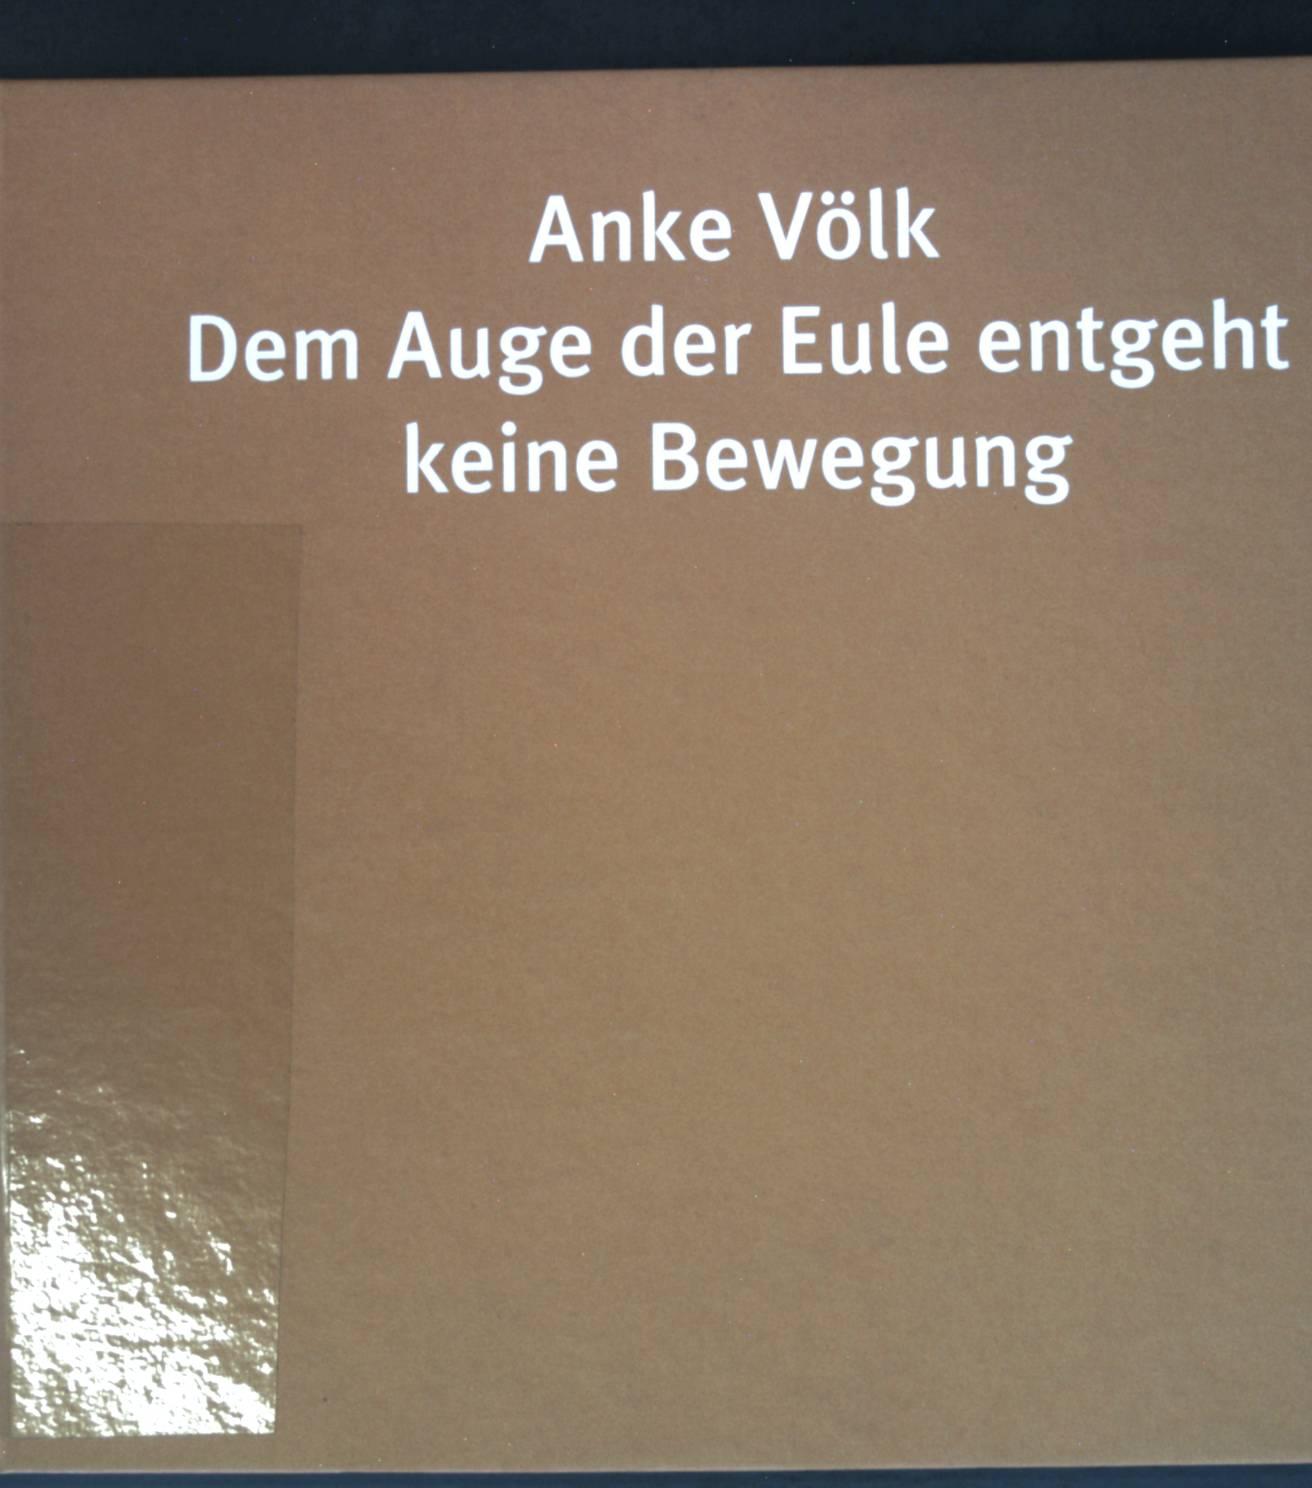 Anke Völk, Dem Auge der Eule entgeht keine Bewegung : anlässlich der Ausstellung Dem Auge der Eule Entgeht Keine Bewegung, Debütantin 2002 der GEDOK, Lothringer13, Werkstattstudio, München, in Zusammenarbeit mit dem Kulturreferat der Landeshauptstadt Münc